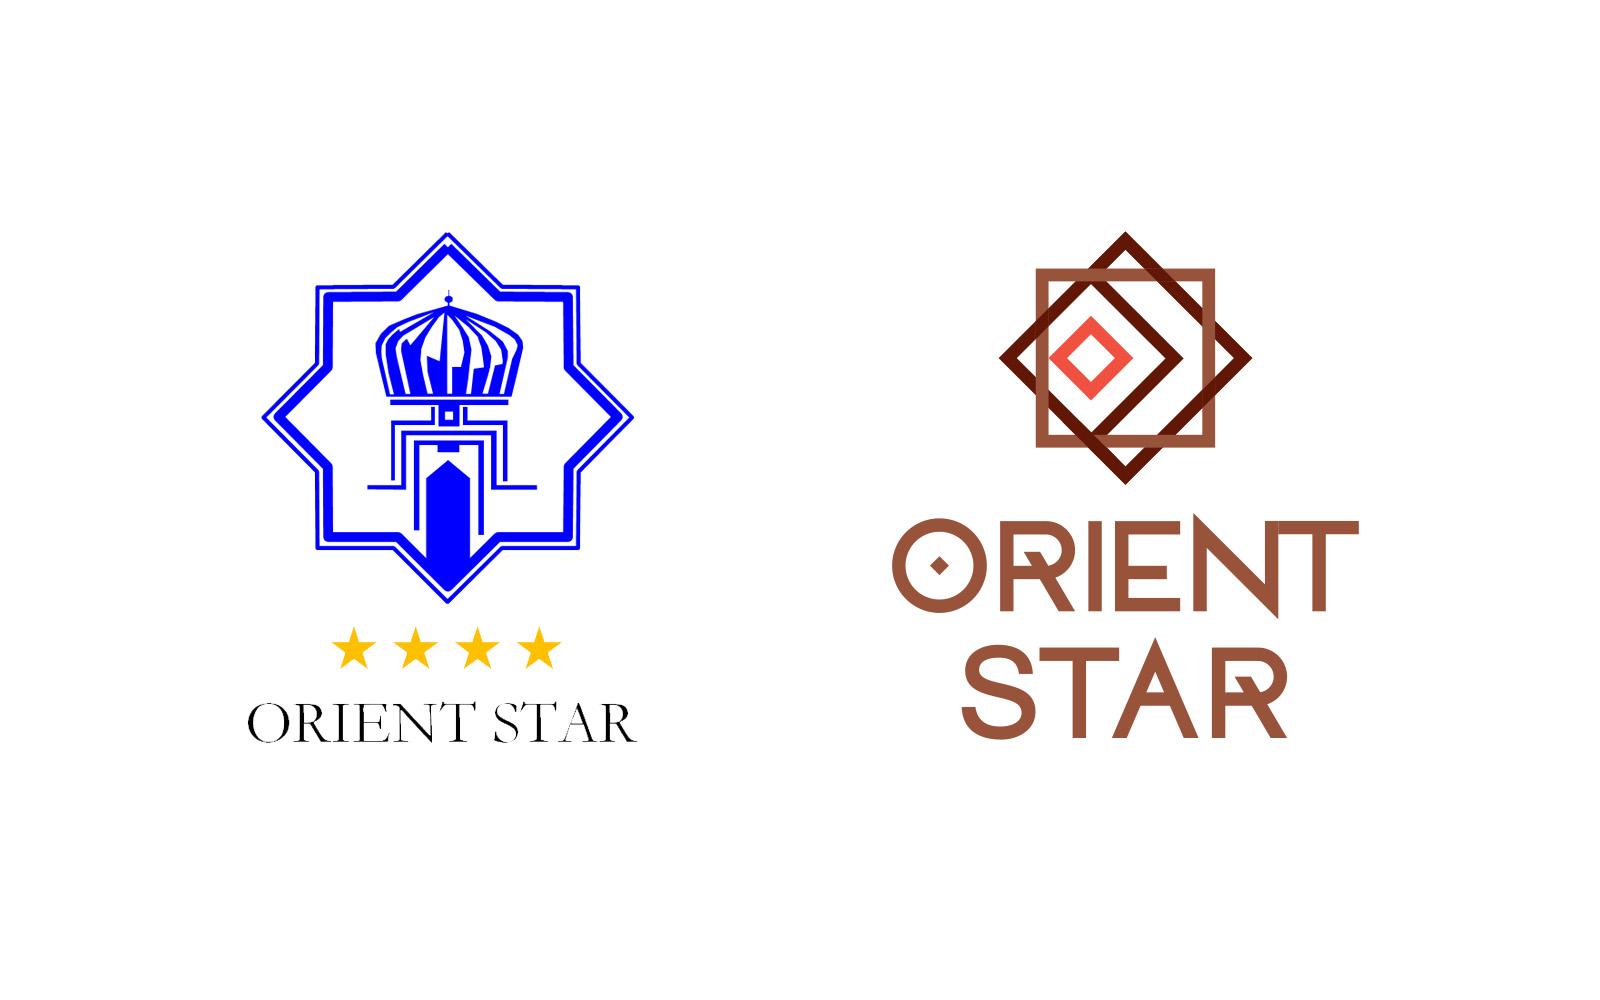 Айдентика для сети отелей Orient Star